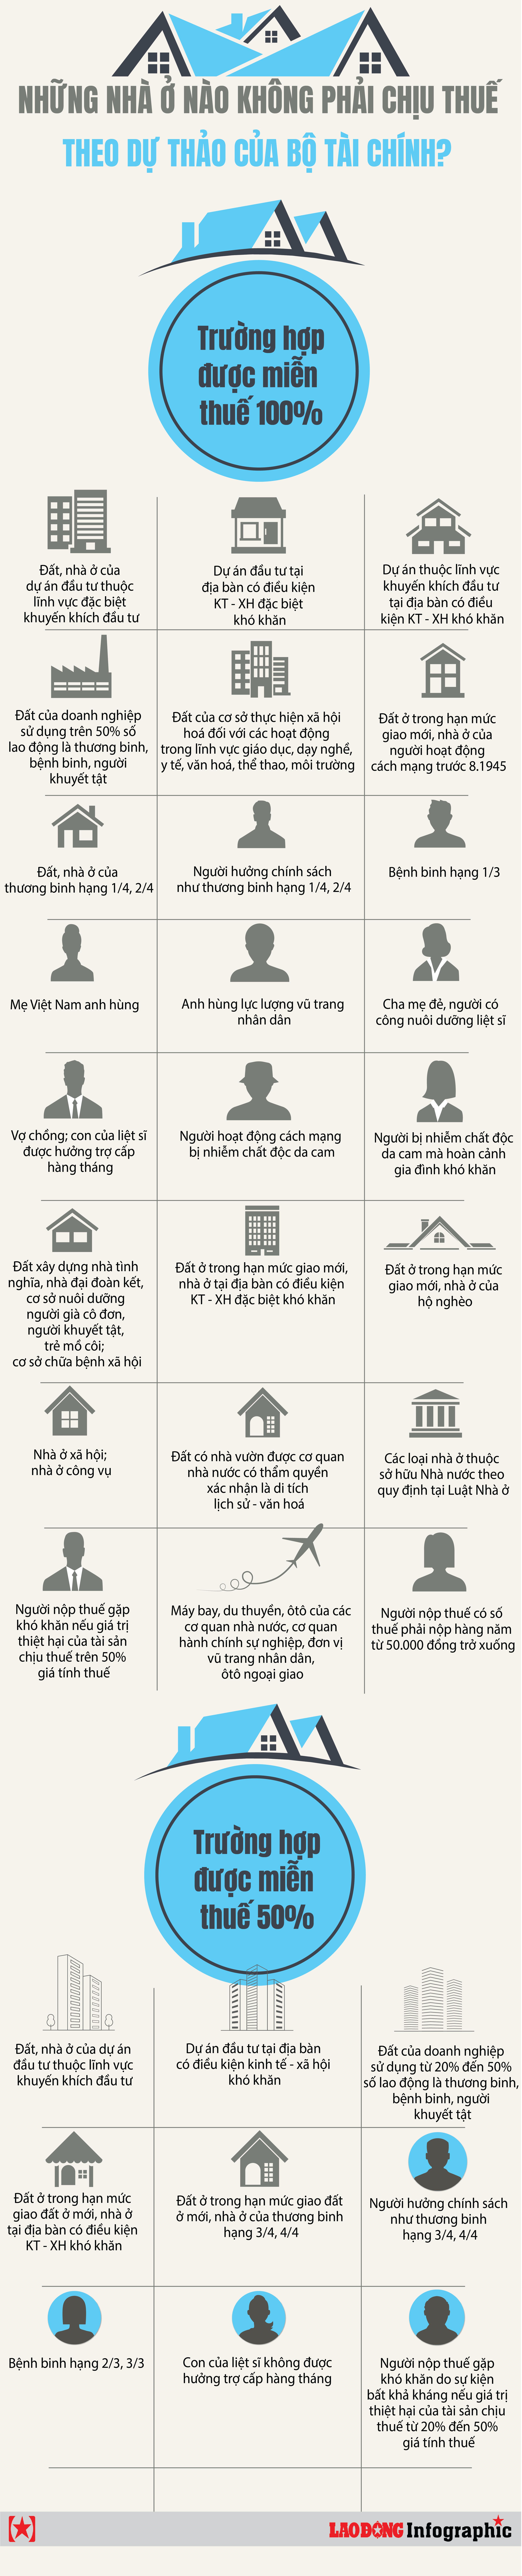 infographic nhung truong hop nao khong phai chiu thue theo du thao cua bo tai chinh